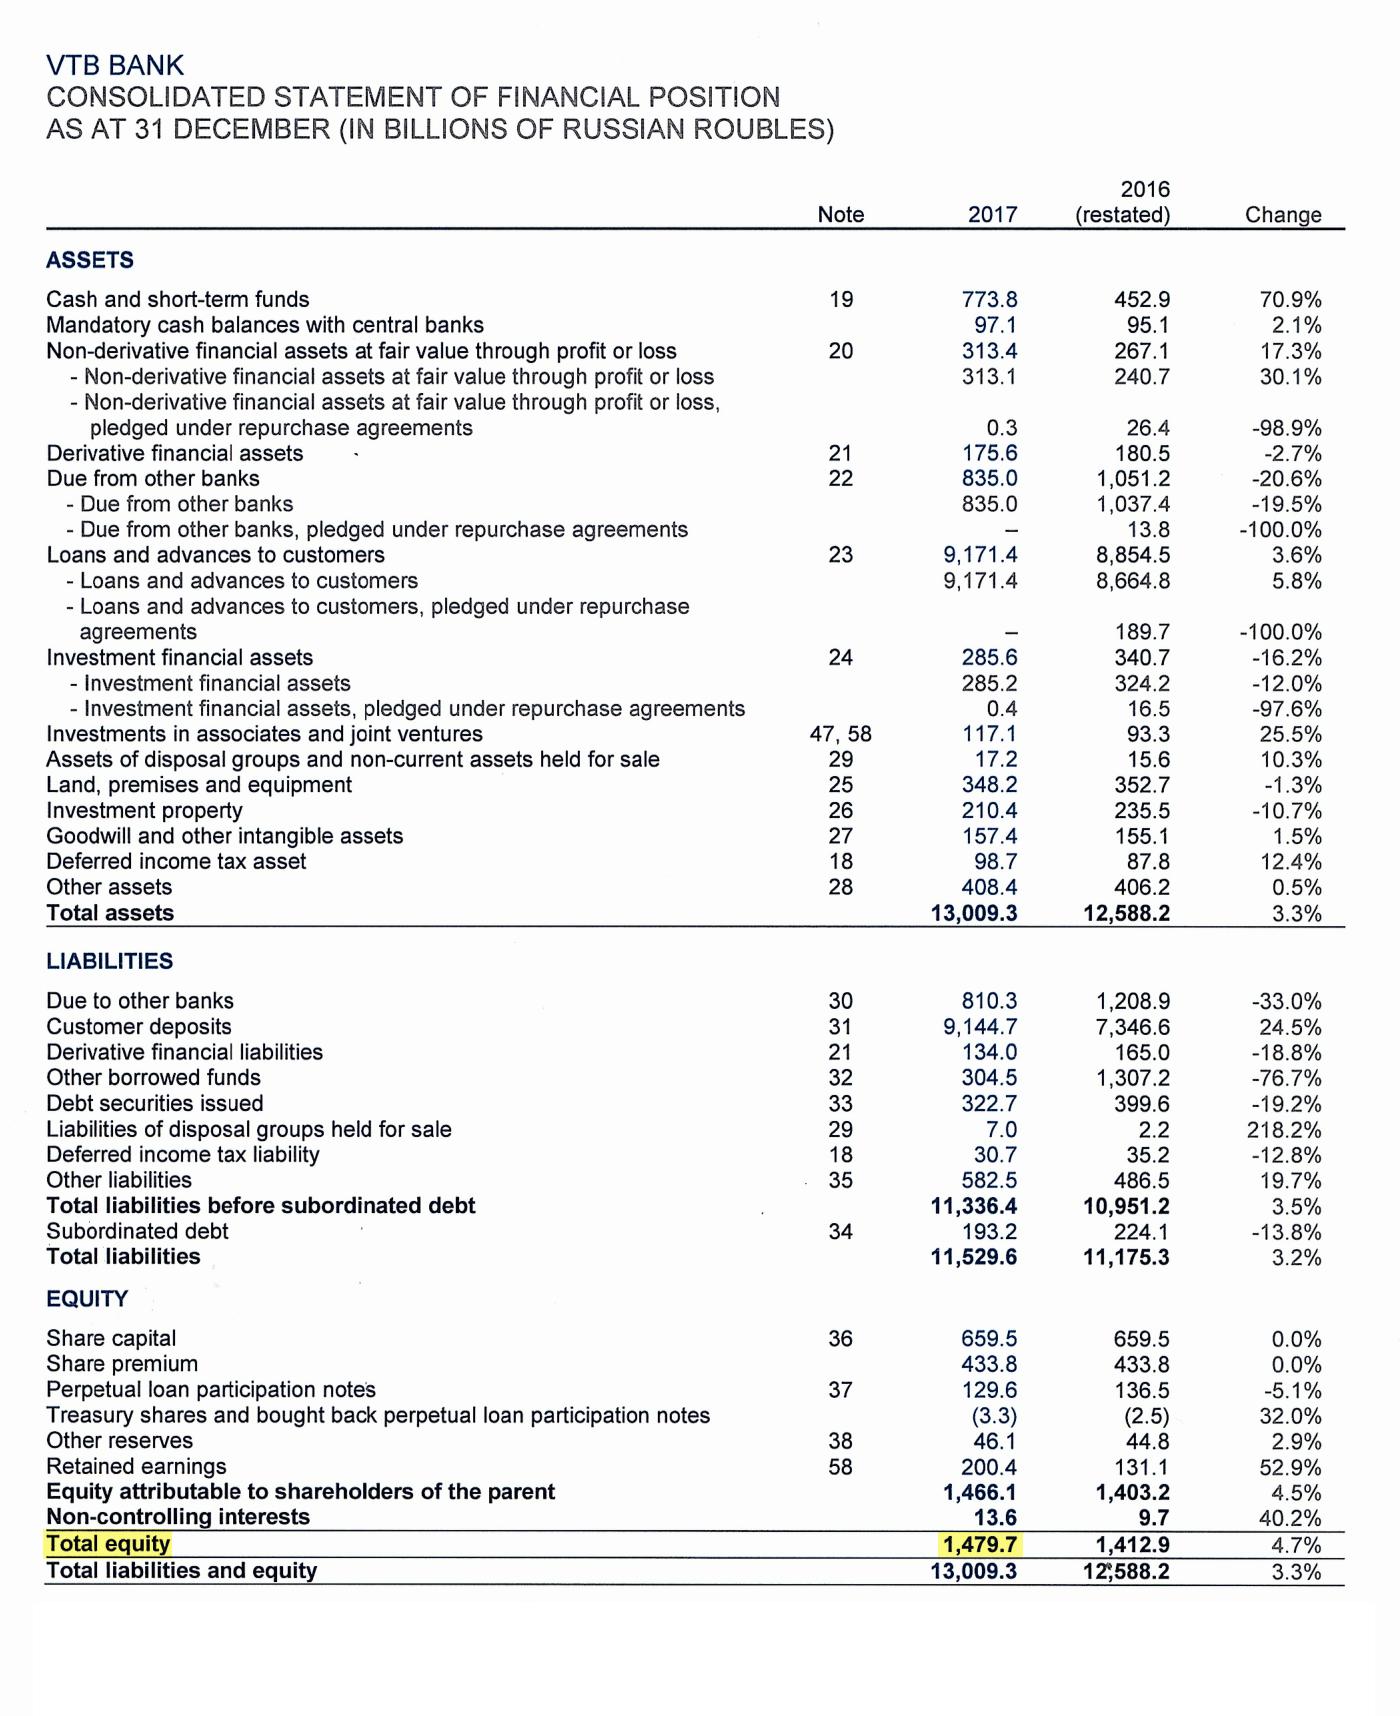 Страница 13 отчета ВТБ по итогам 2017 года